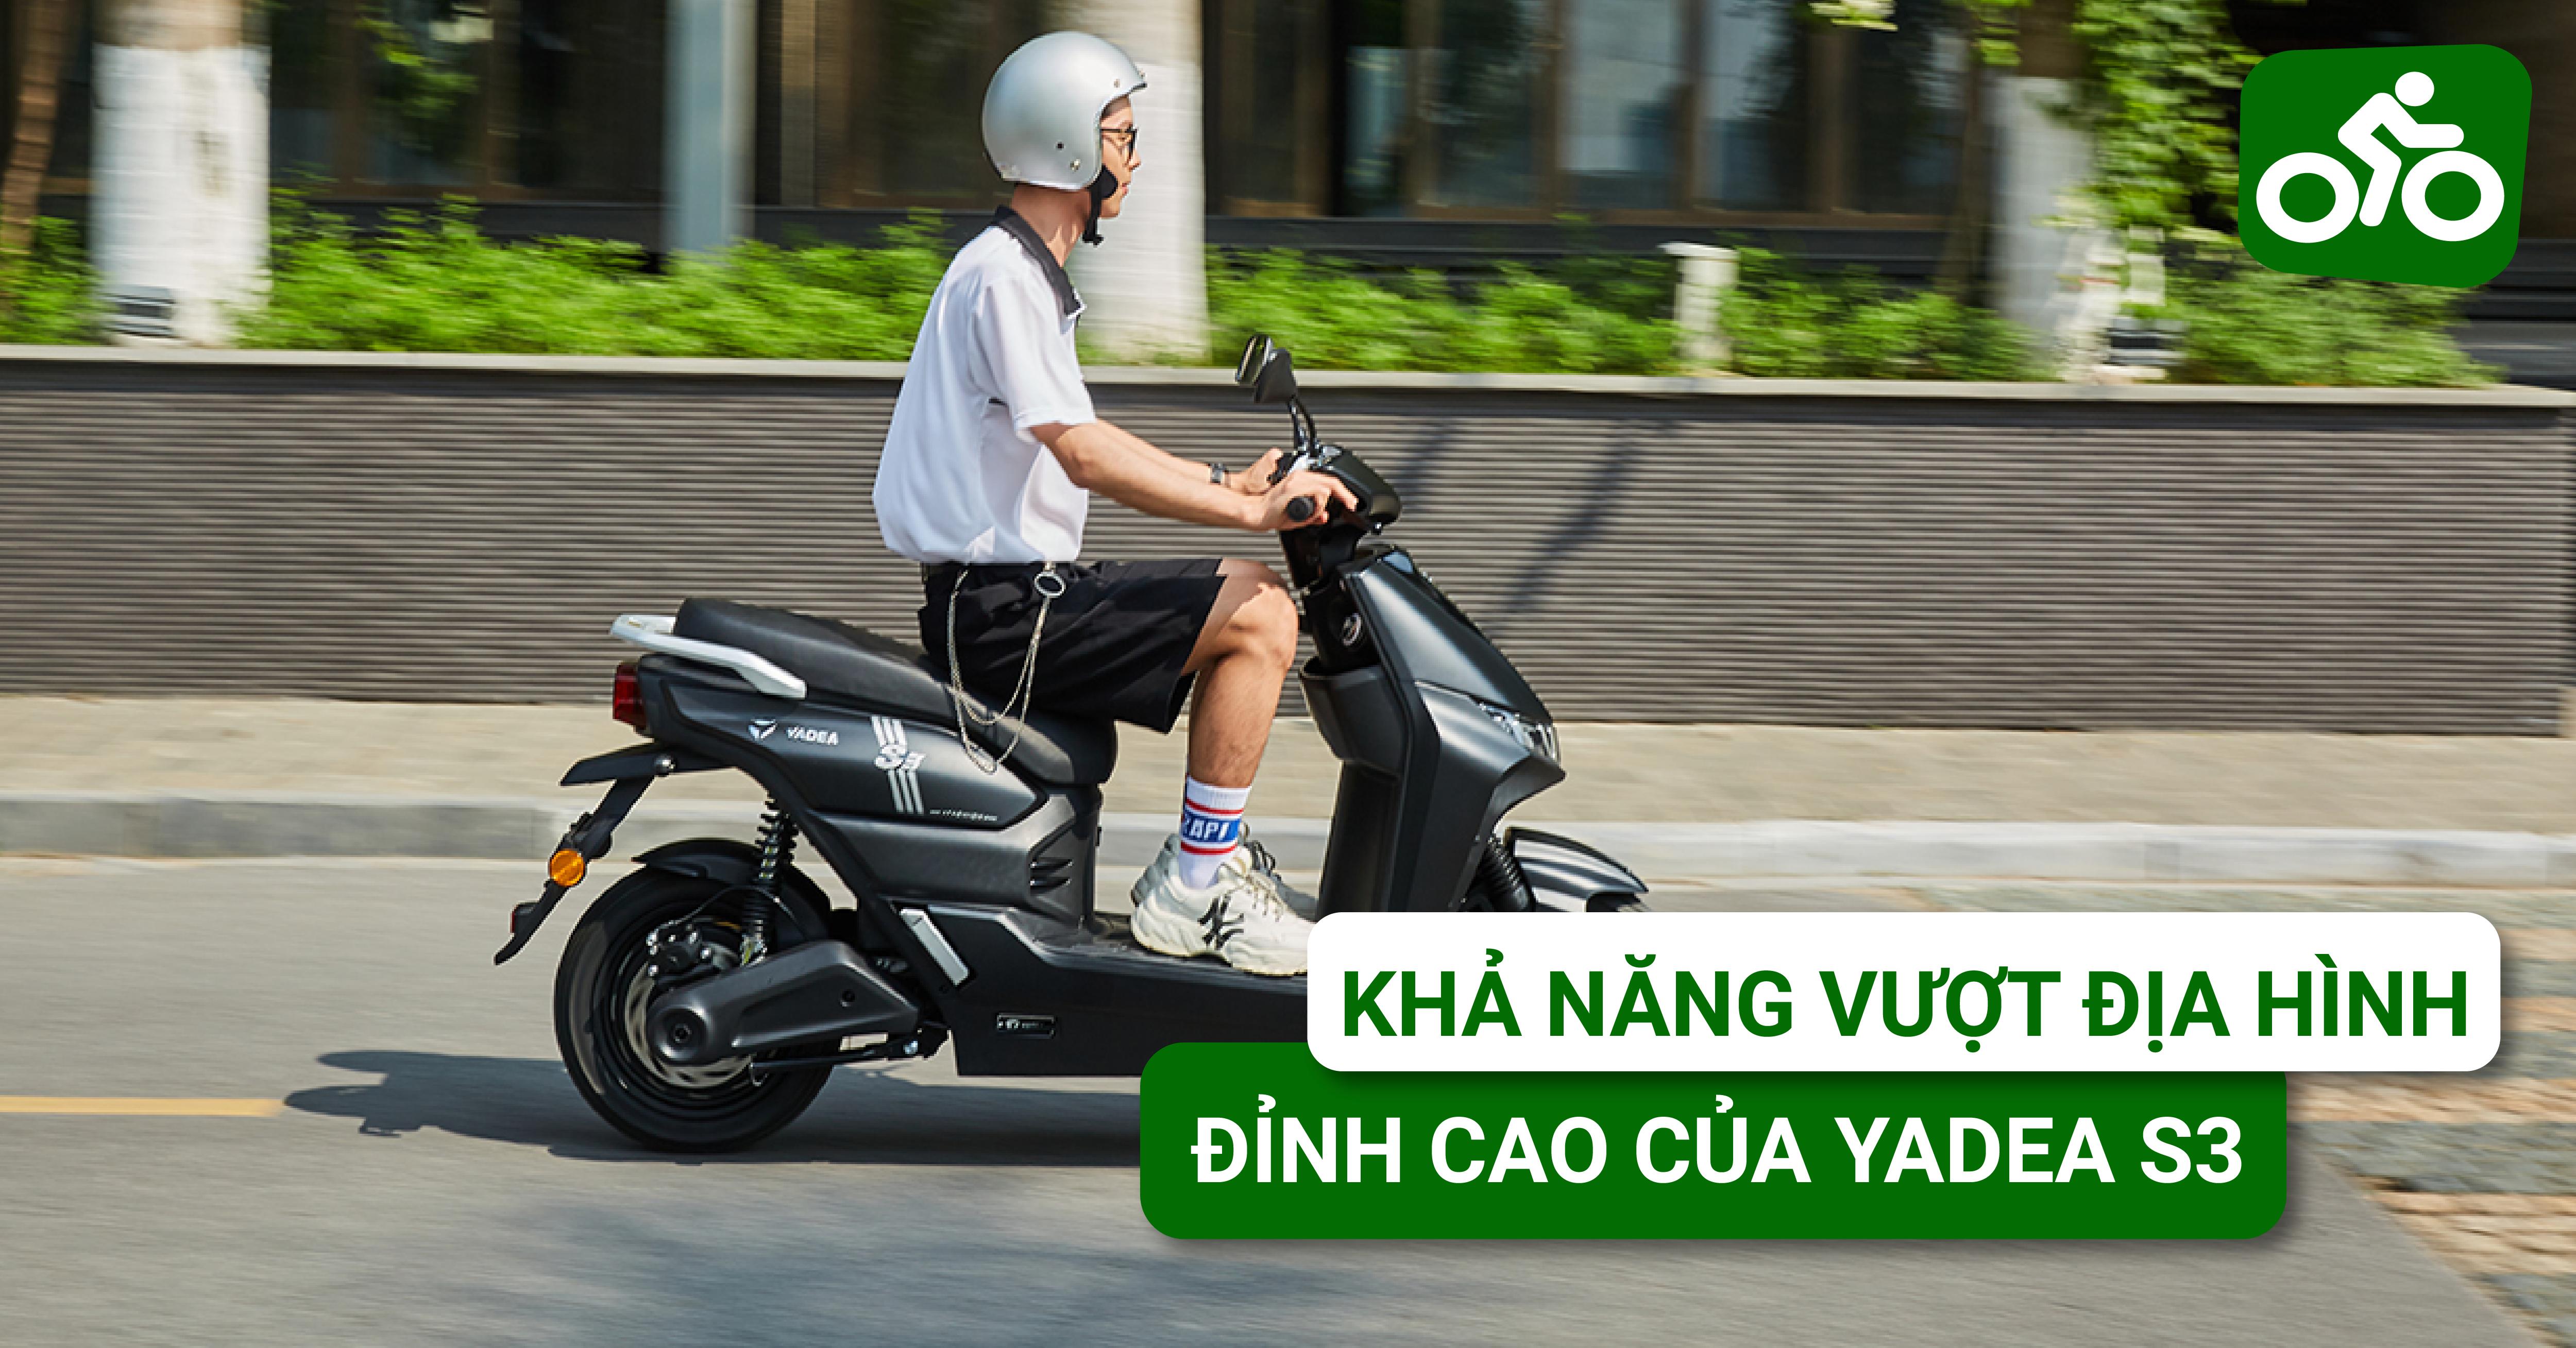 Khả năng vượt địa hình đỉnh cao của xe máy điện YADEA S3